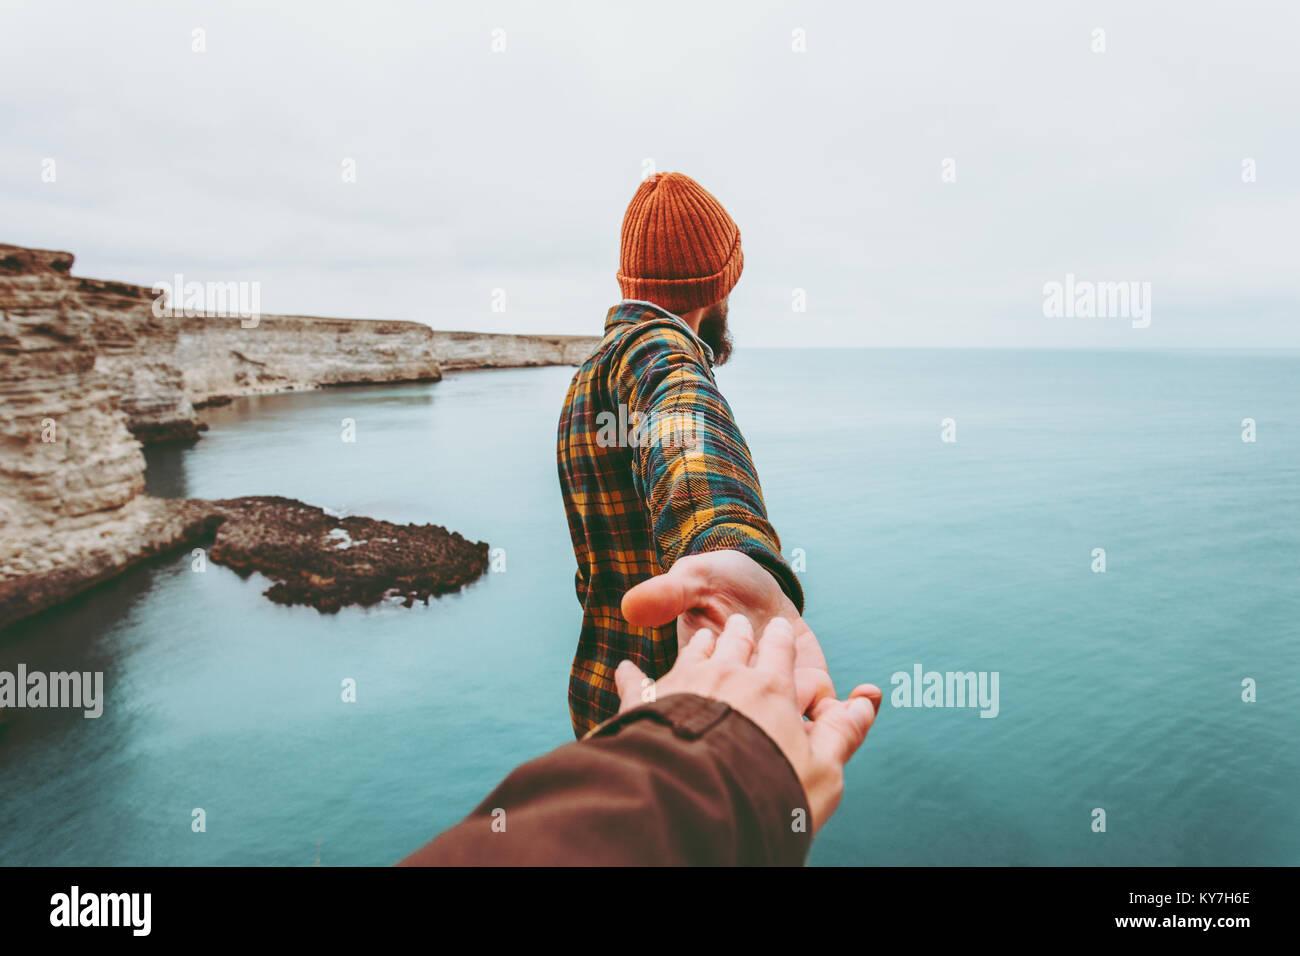 Par el hombre y la mujer tomados de la mano siga disfrutando del mar frío paisaje de fondo y viajes amor emociones Imagen De Stock